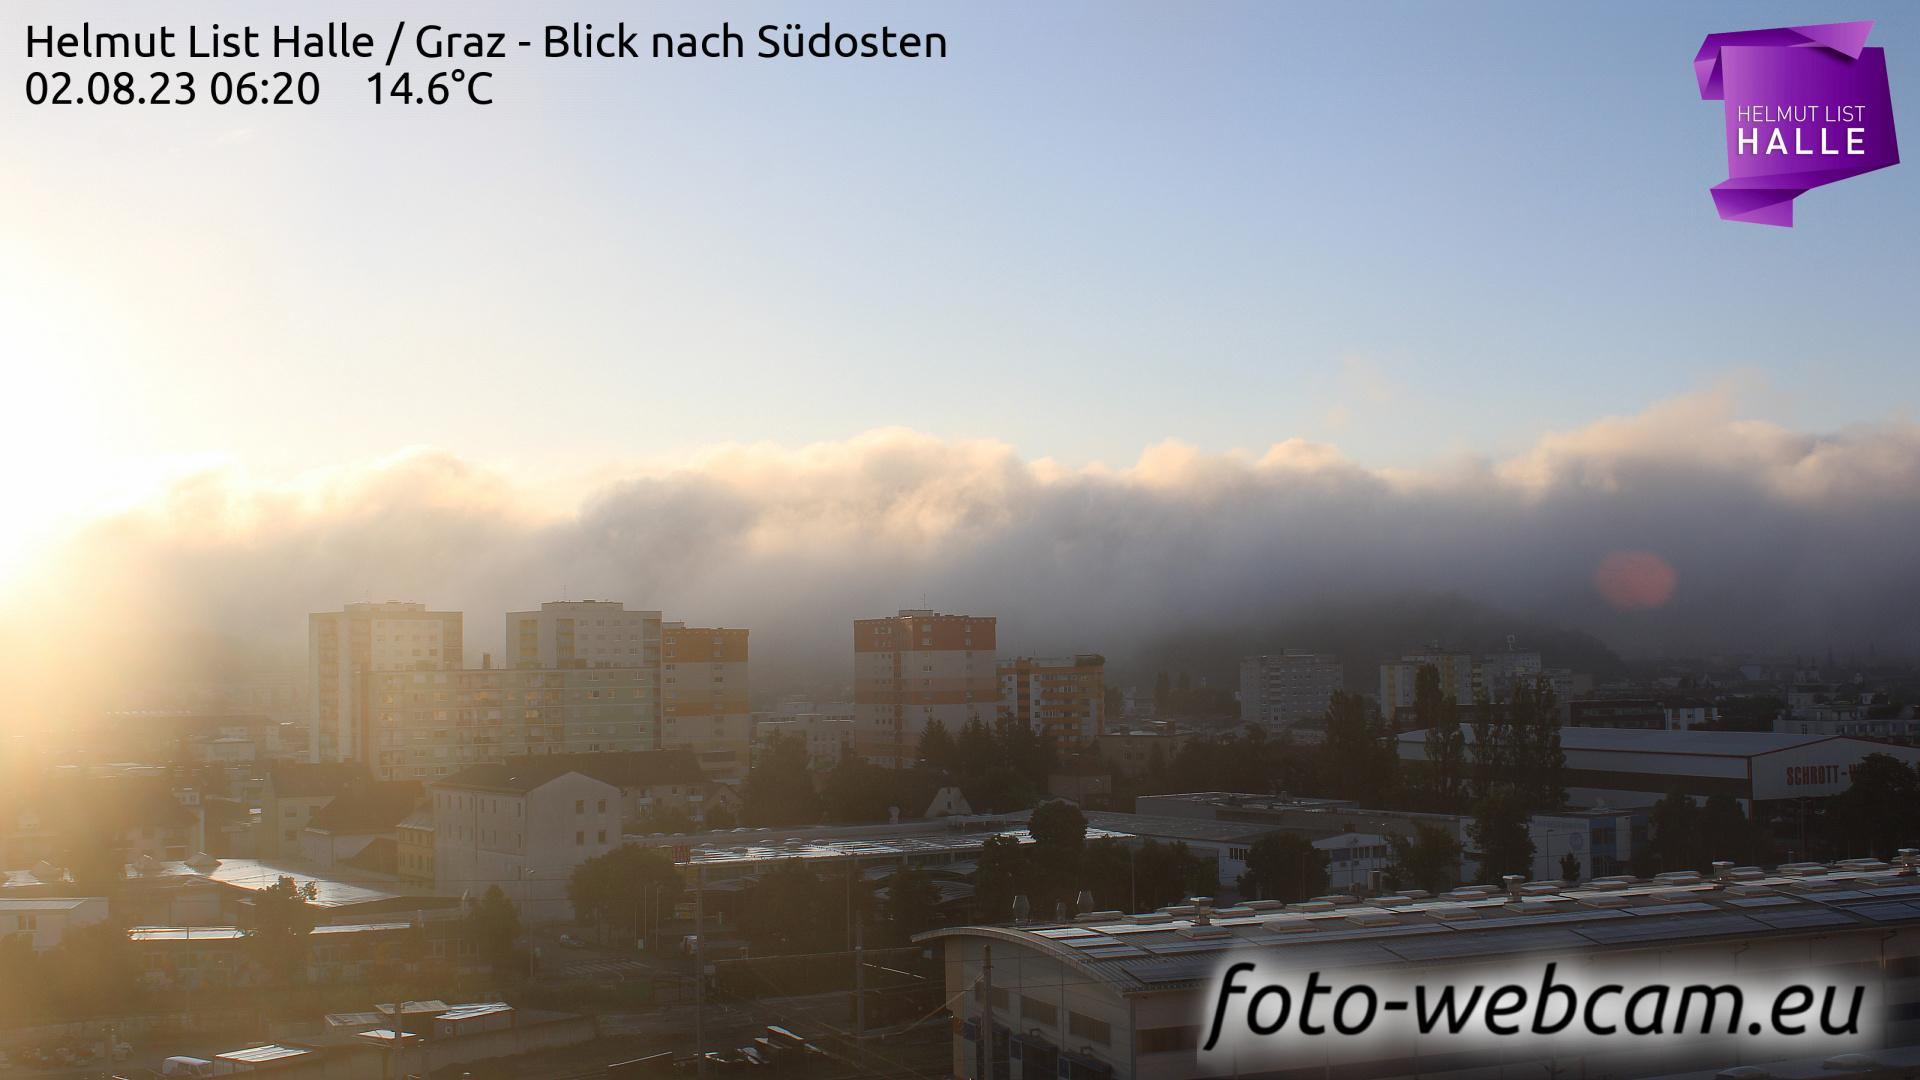 Graz Sun. 06:32